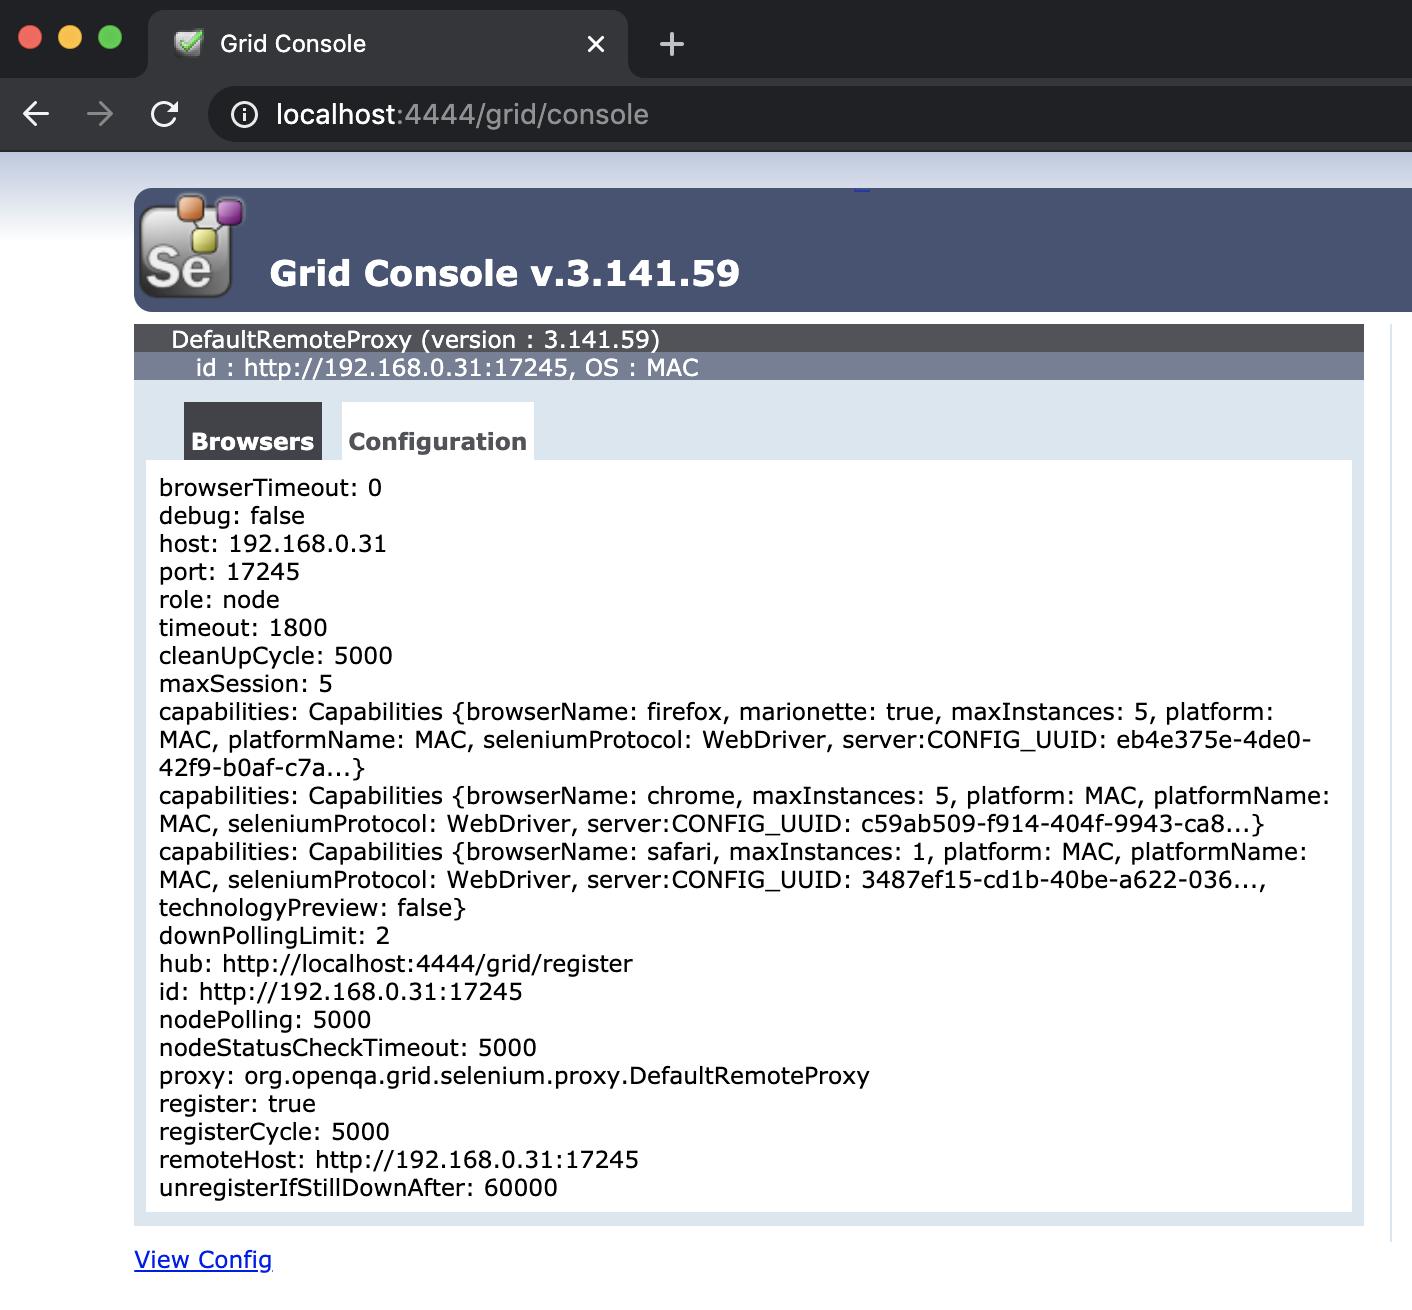 Selenium Grid Console - configuration